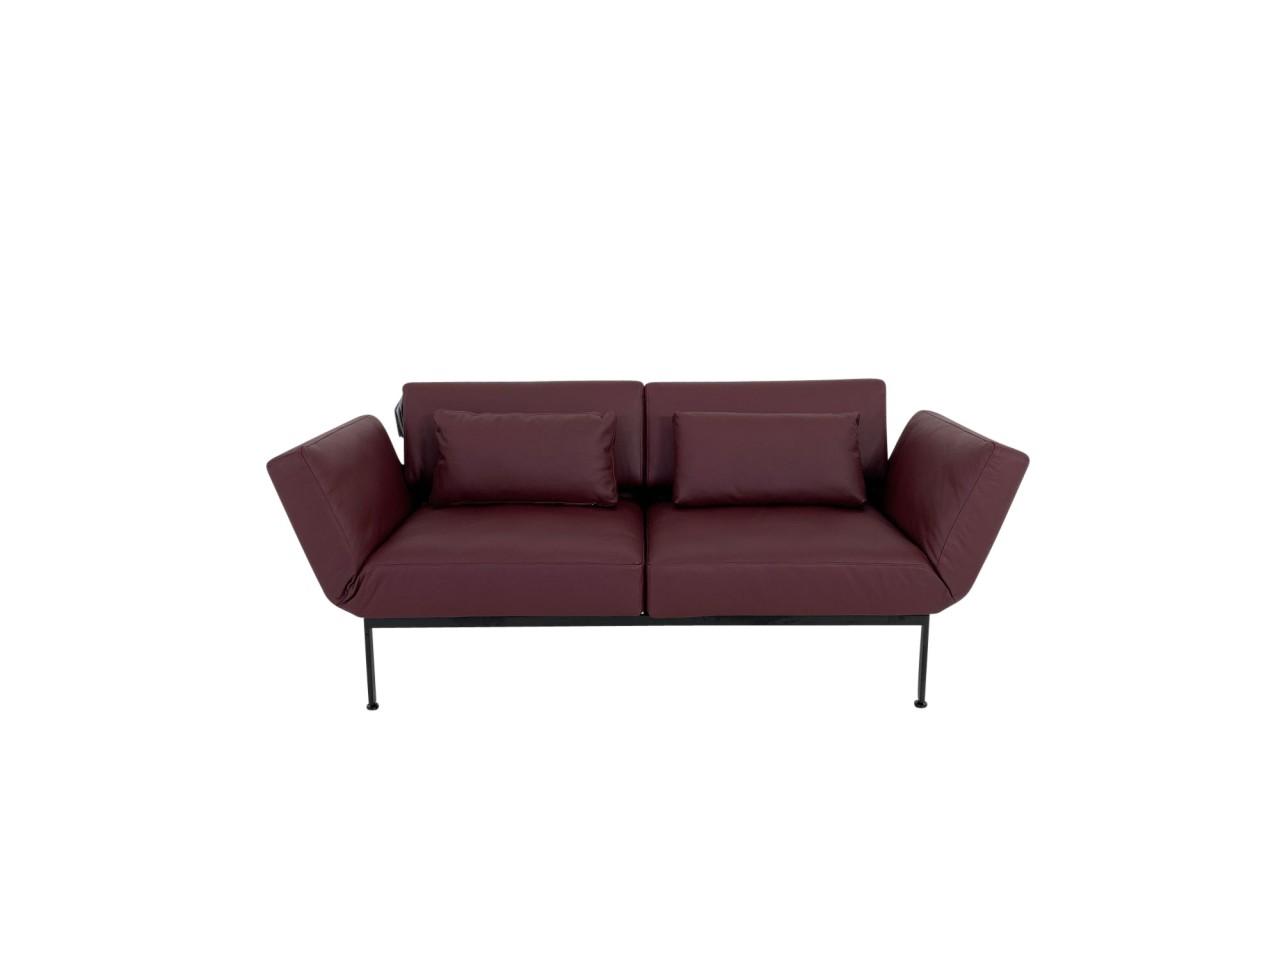 Brühl RORO/20 soft Sofa 2 mit weichen Sitzen im Jumbo Leder bordeaux Gestell schwarz mit Rollen